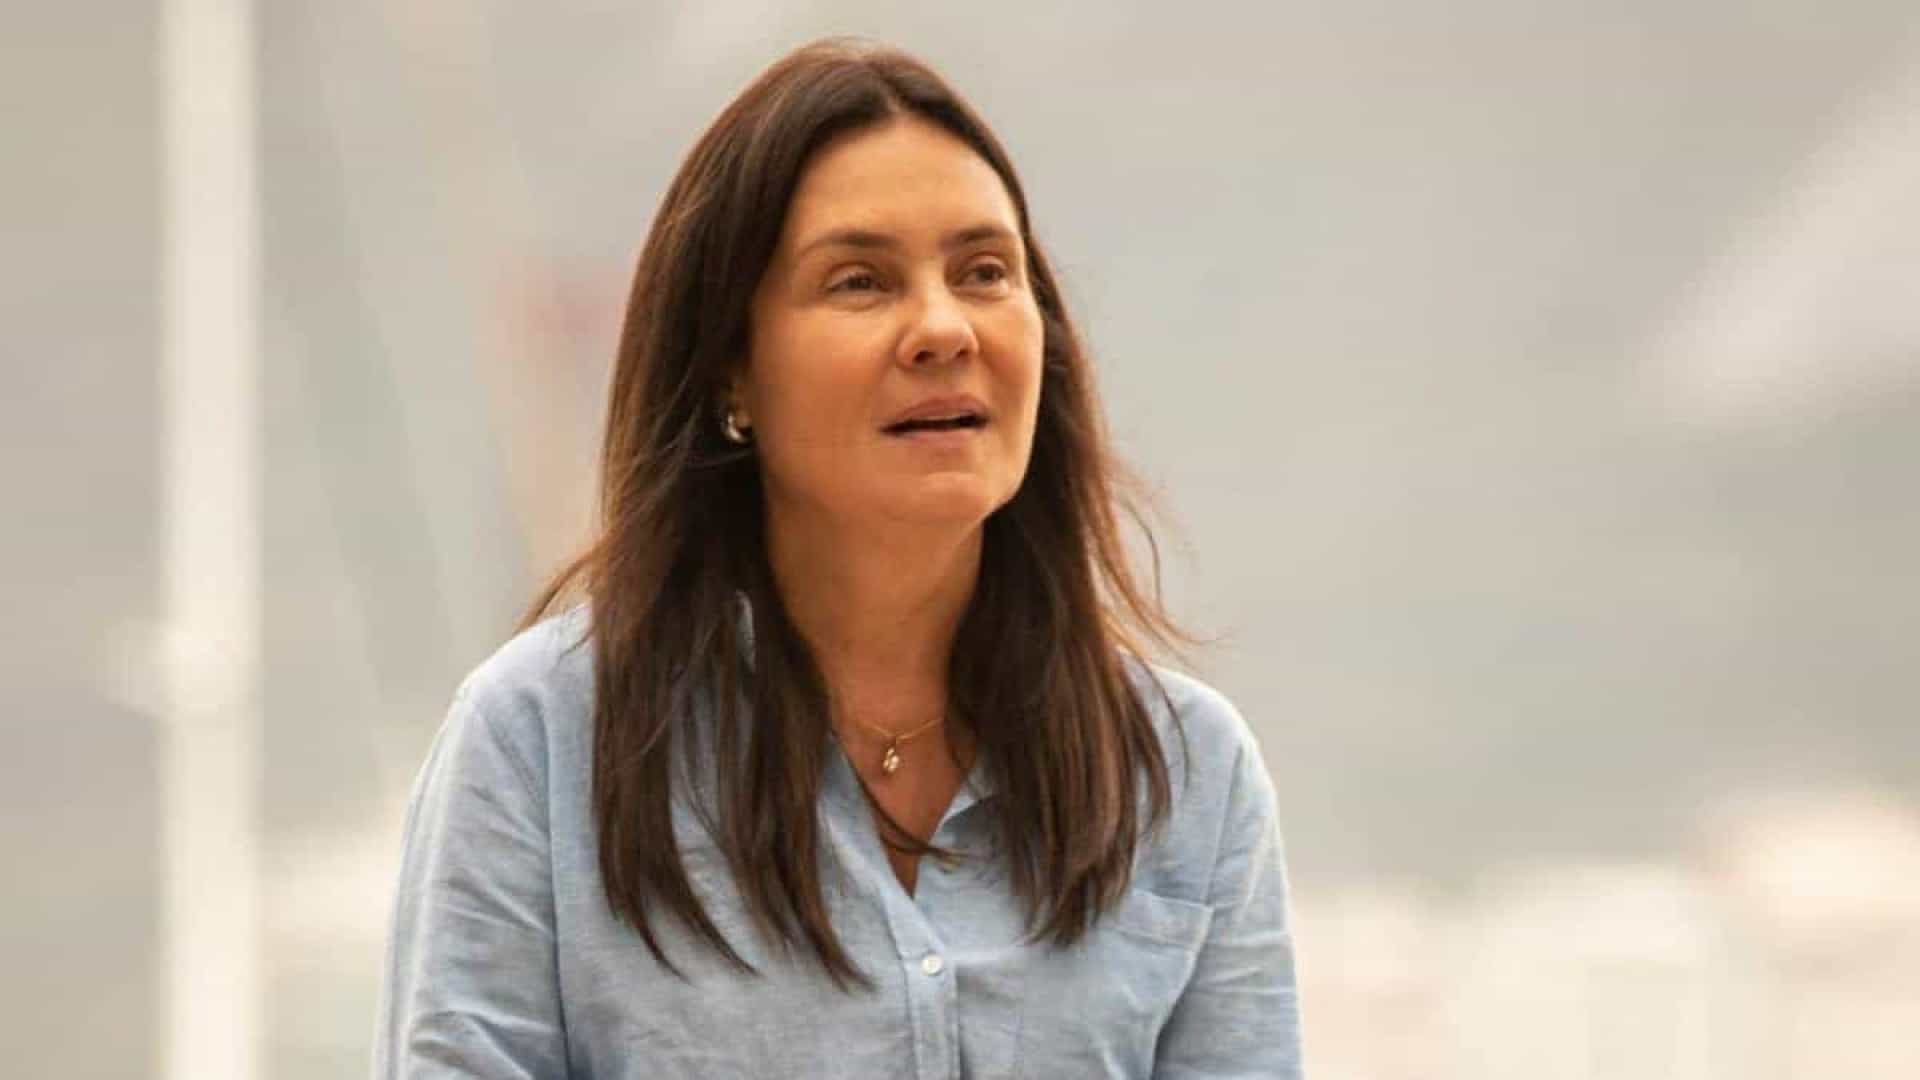 Adriana Esteves perde ação por danos morais contra a Prefeitura do Rio